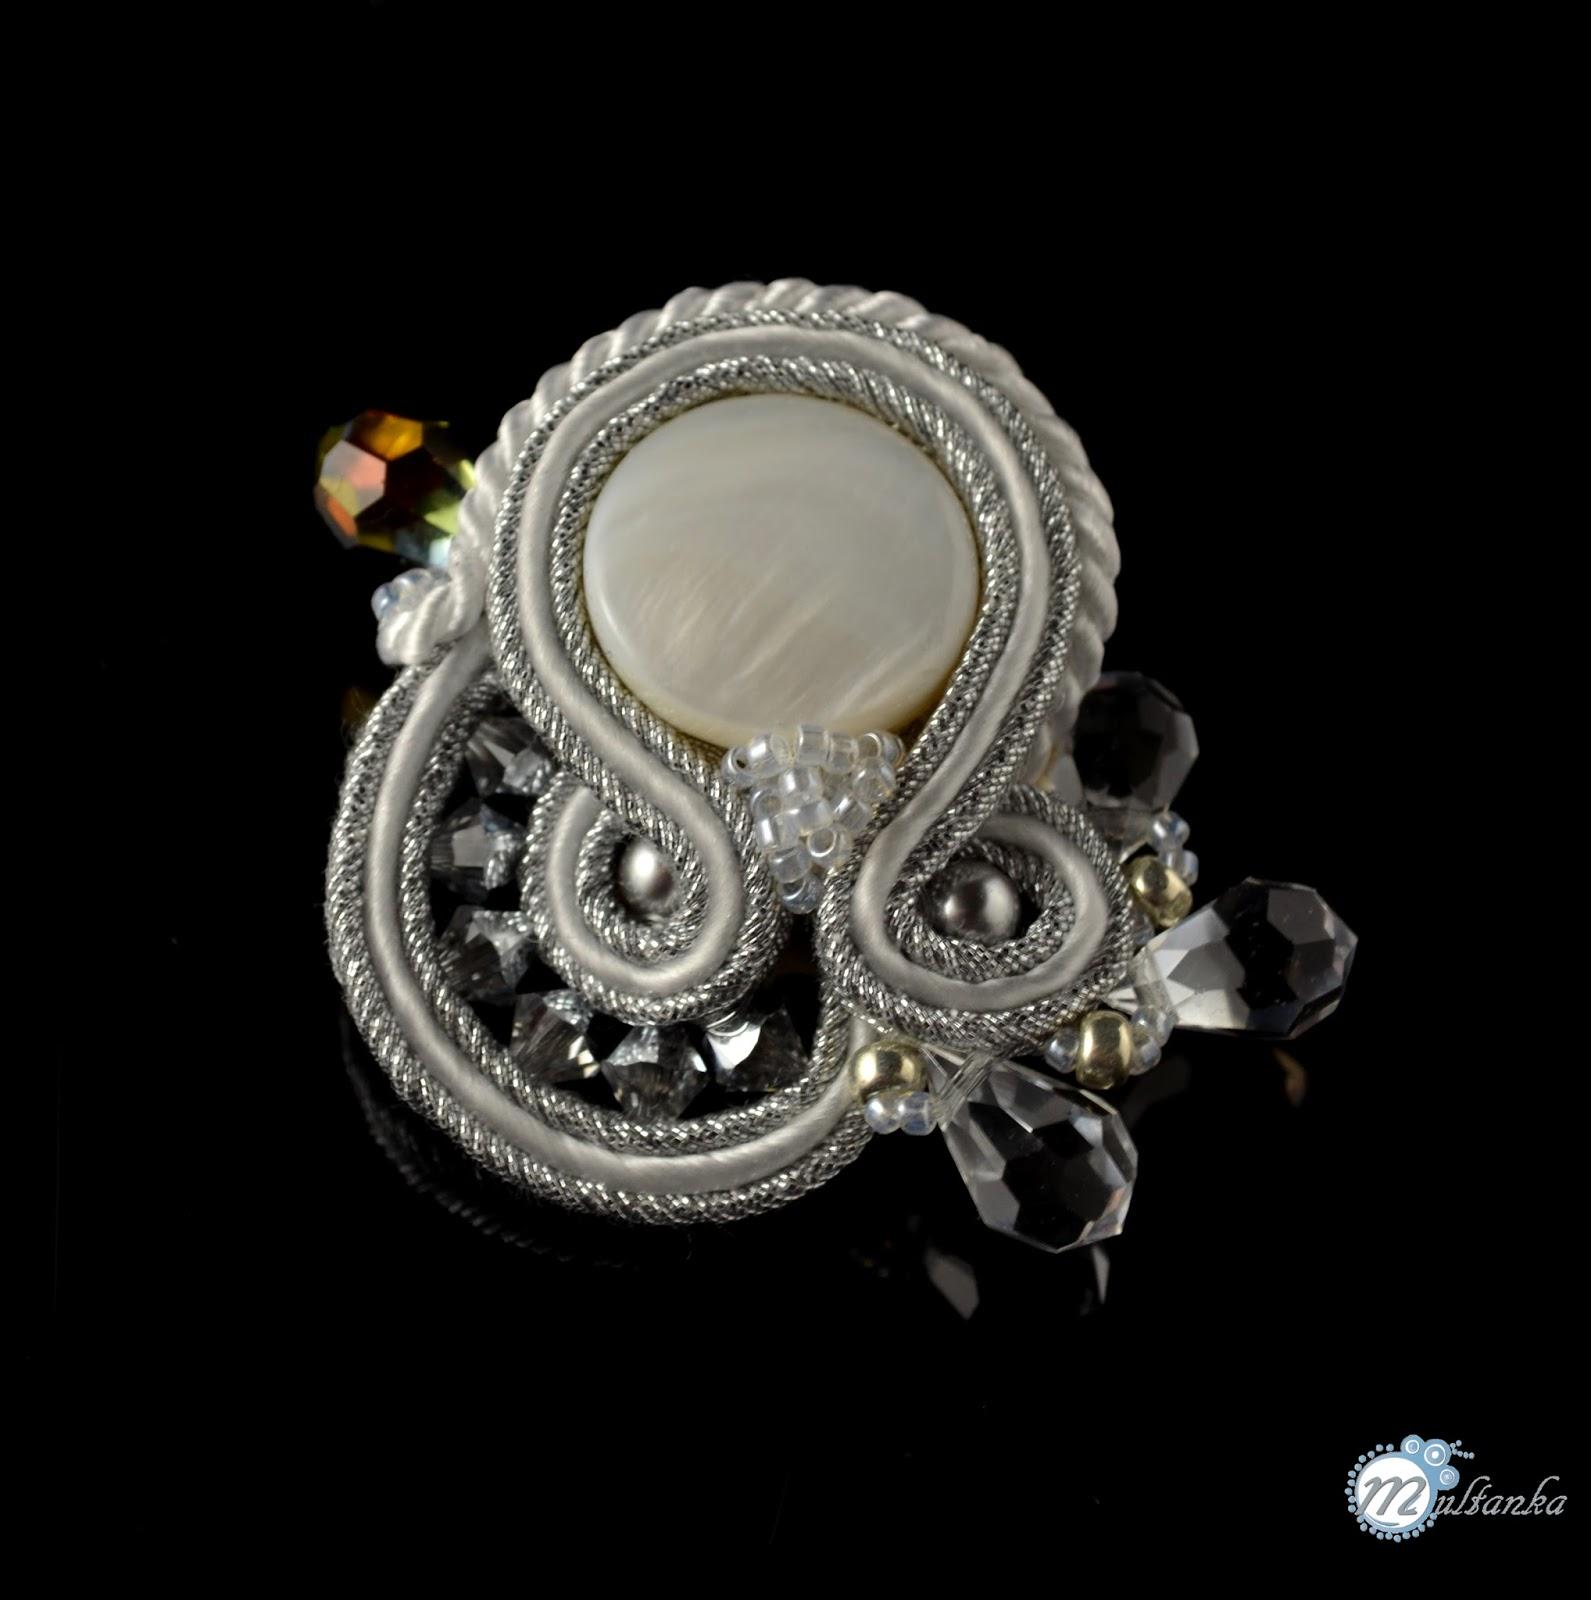 biało-srebrna sutaszowa broszka. wykonanie - multanka.